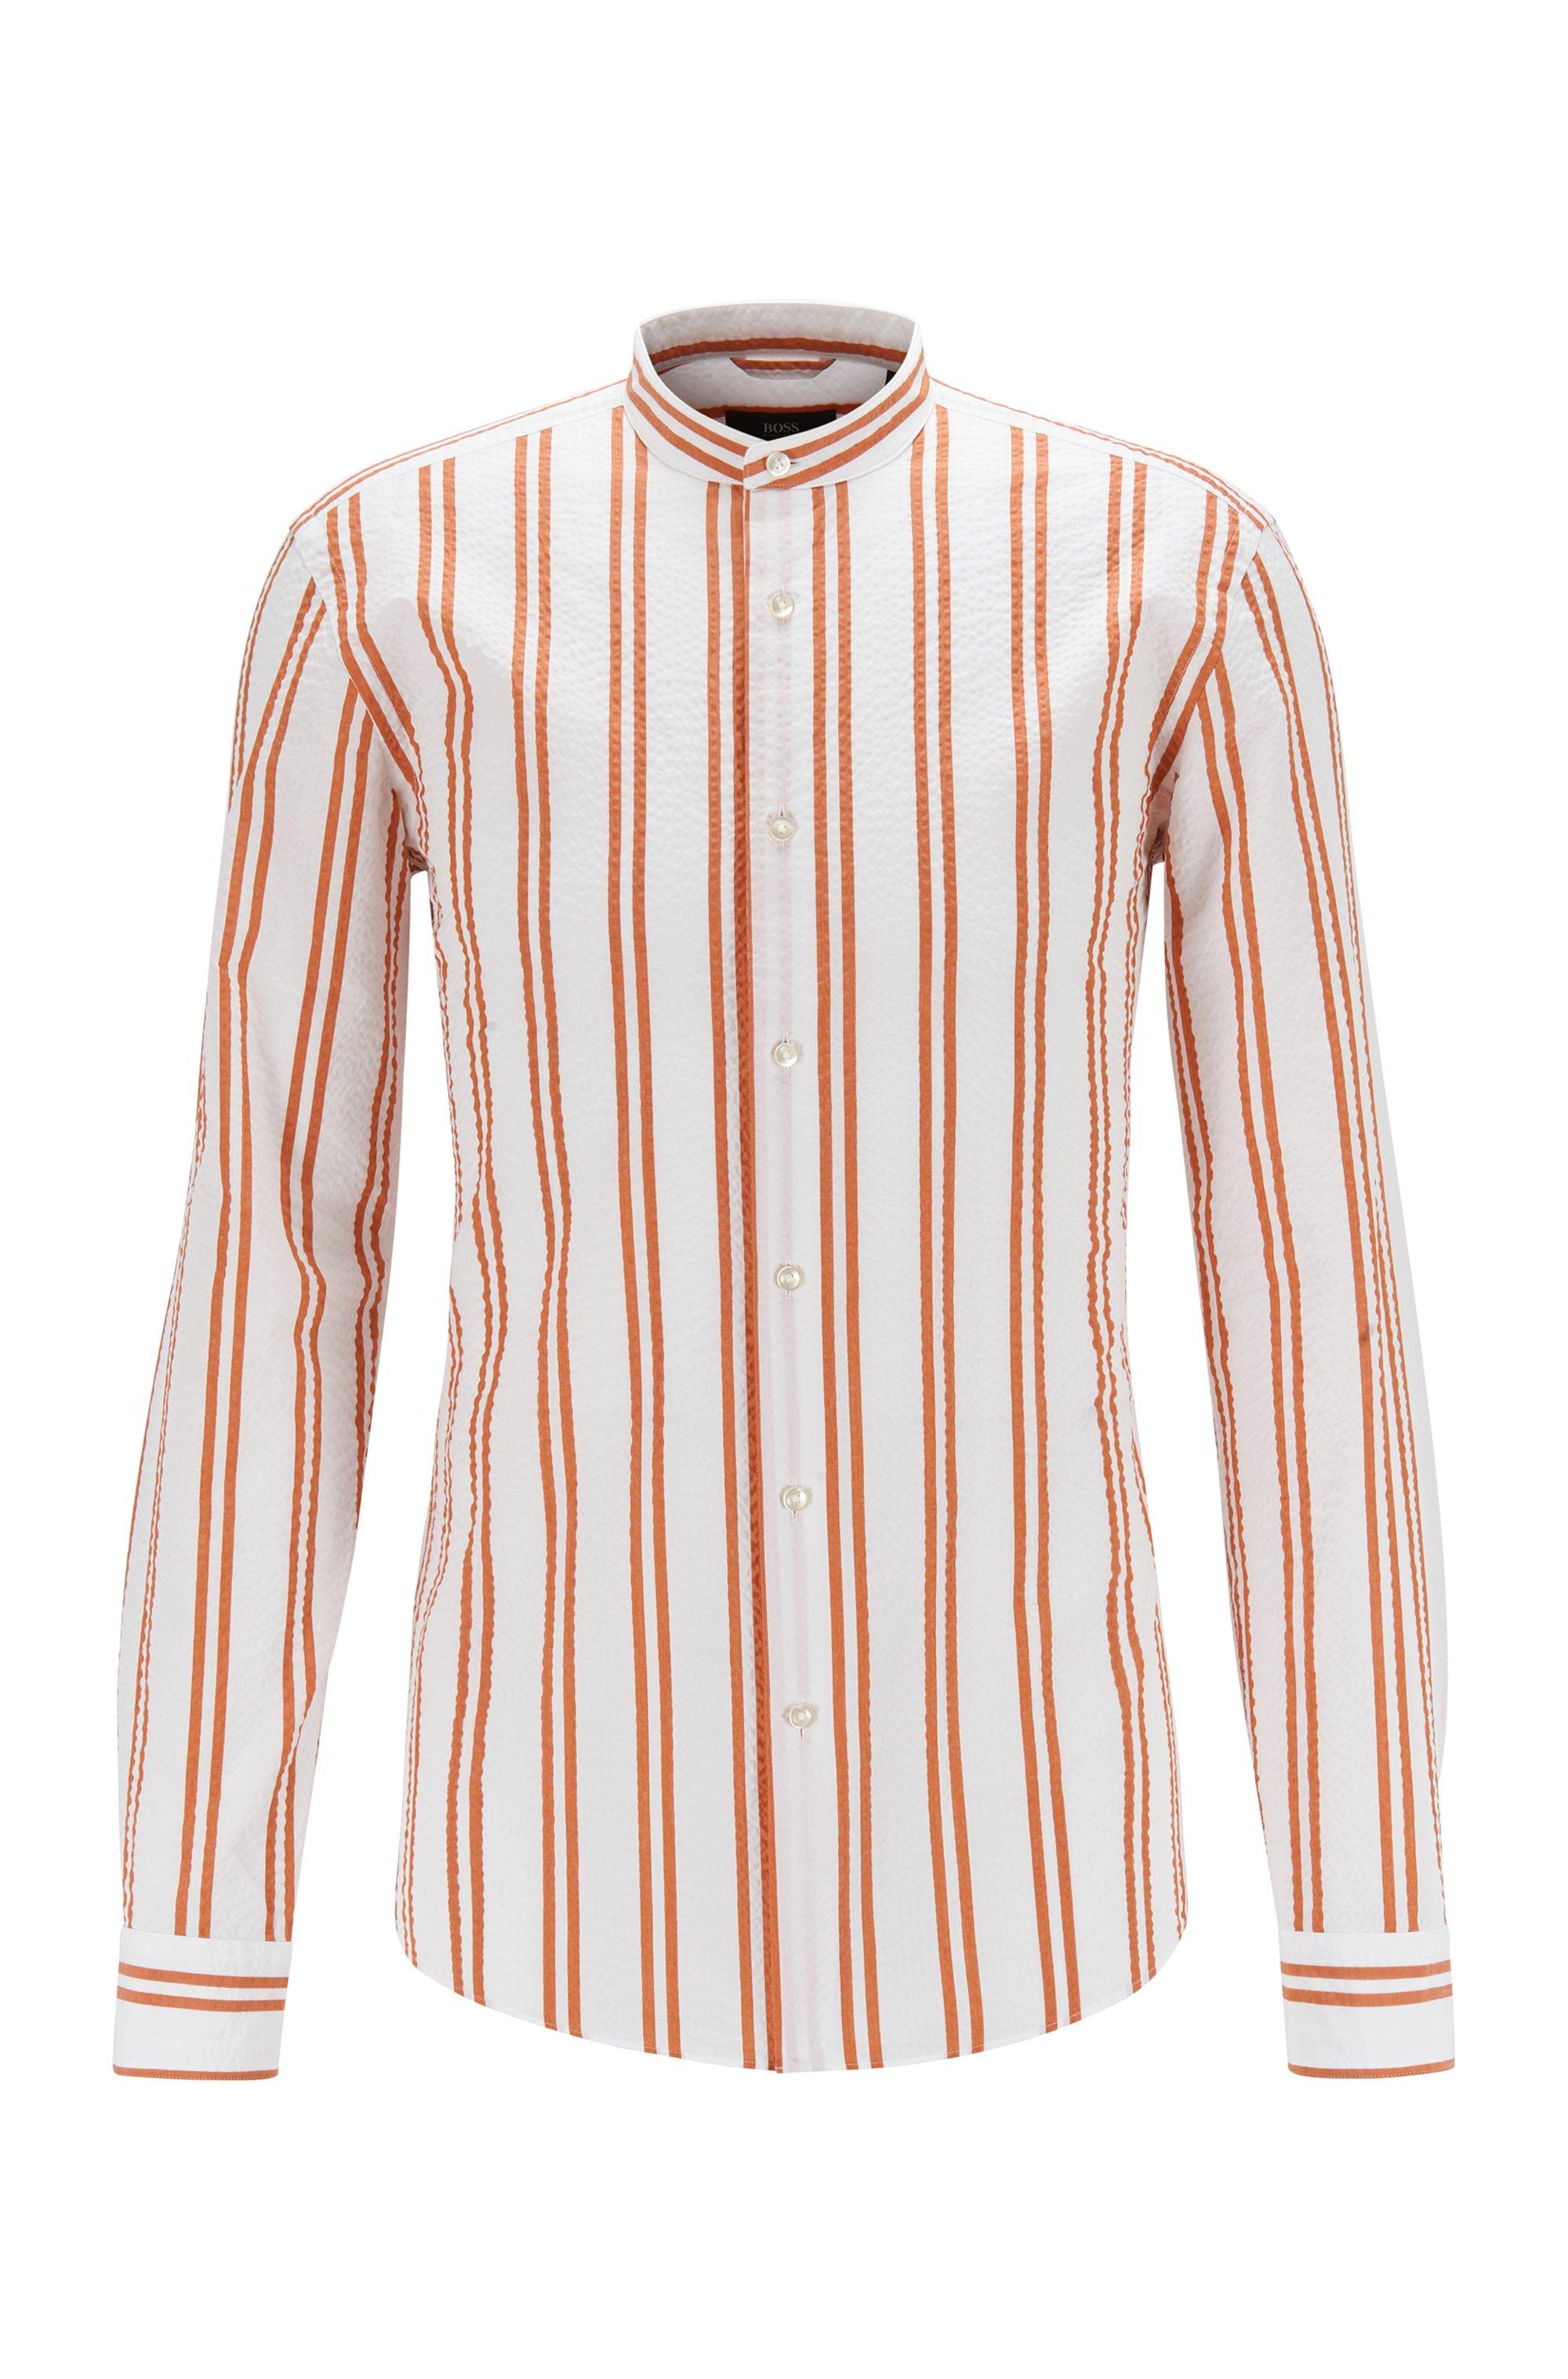 Gestreept slim-fit overhemd van seersucker met opstaande kraag, Oranje met dessin